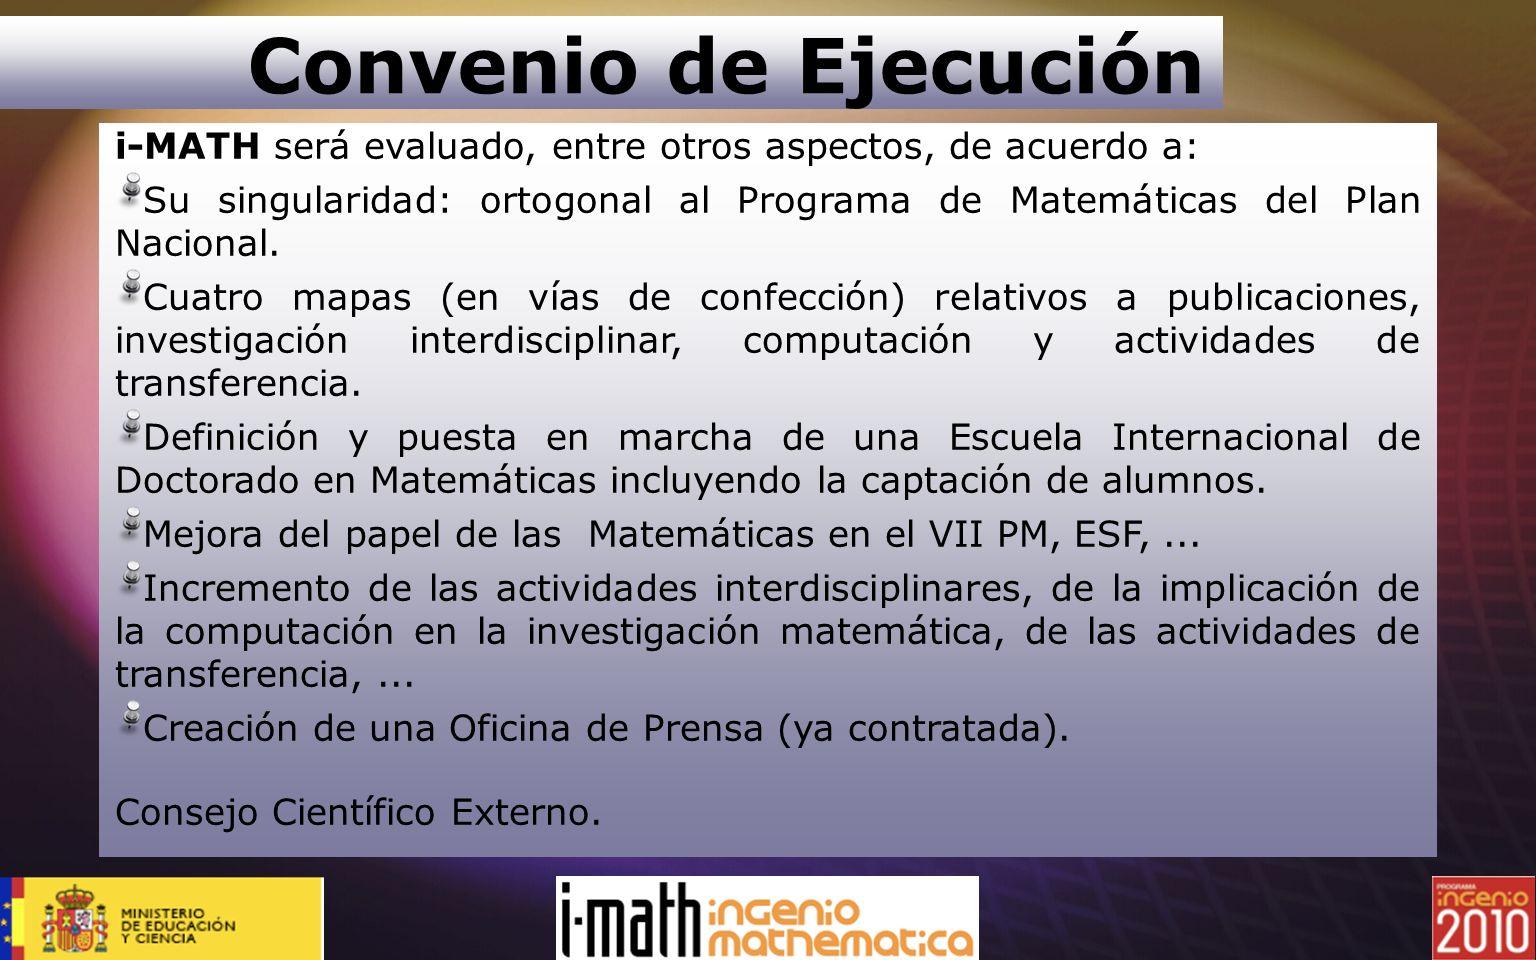 Convenio de Ejecucióni-MATH será evaluado, entre otros aspectos, de acuerdo a: